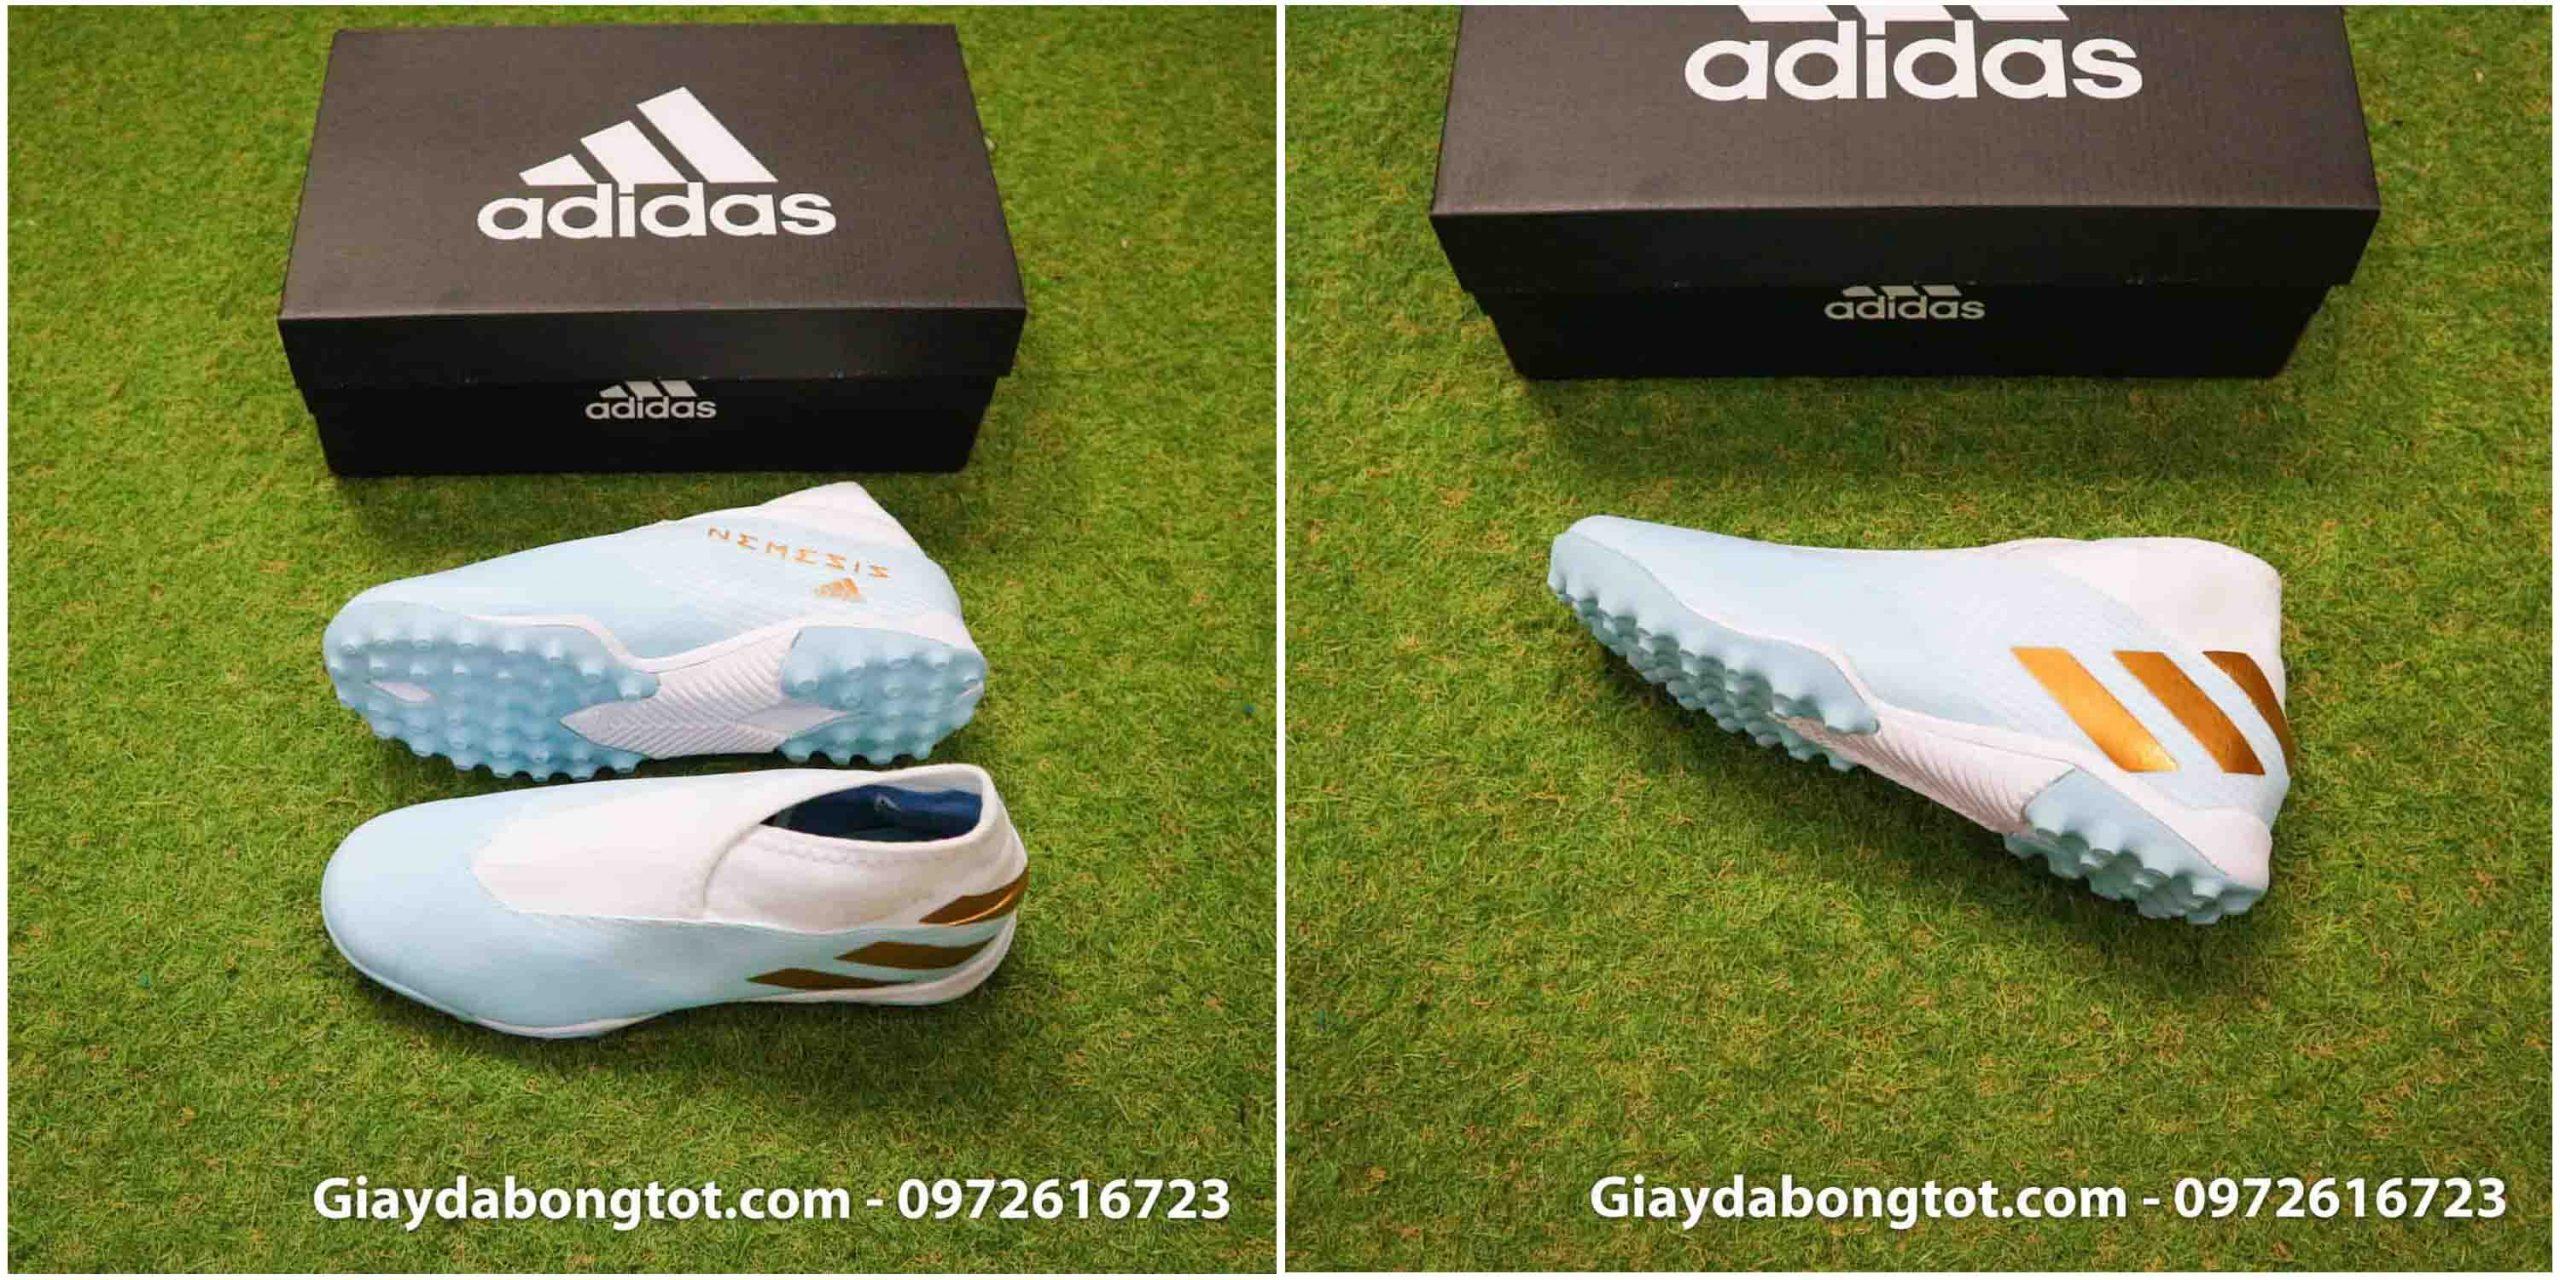 Giày đá bóng da nhân tạo synthetic vẫn có độ bền tốt nếu sử dụng đúng cách